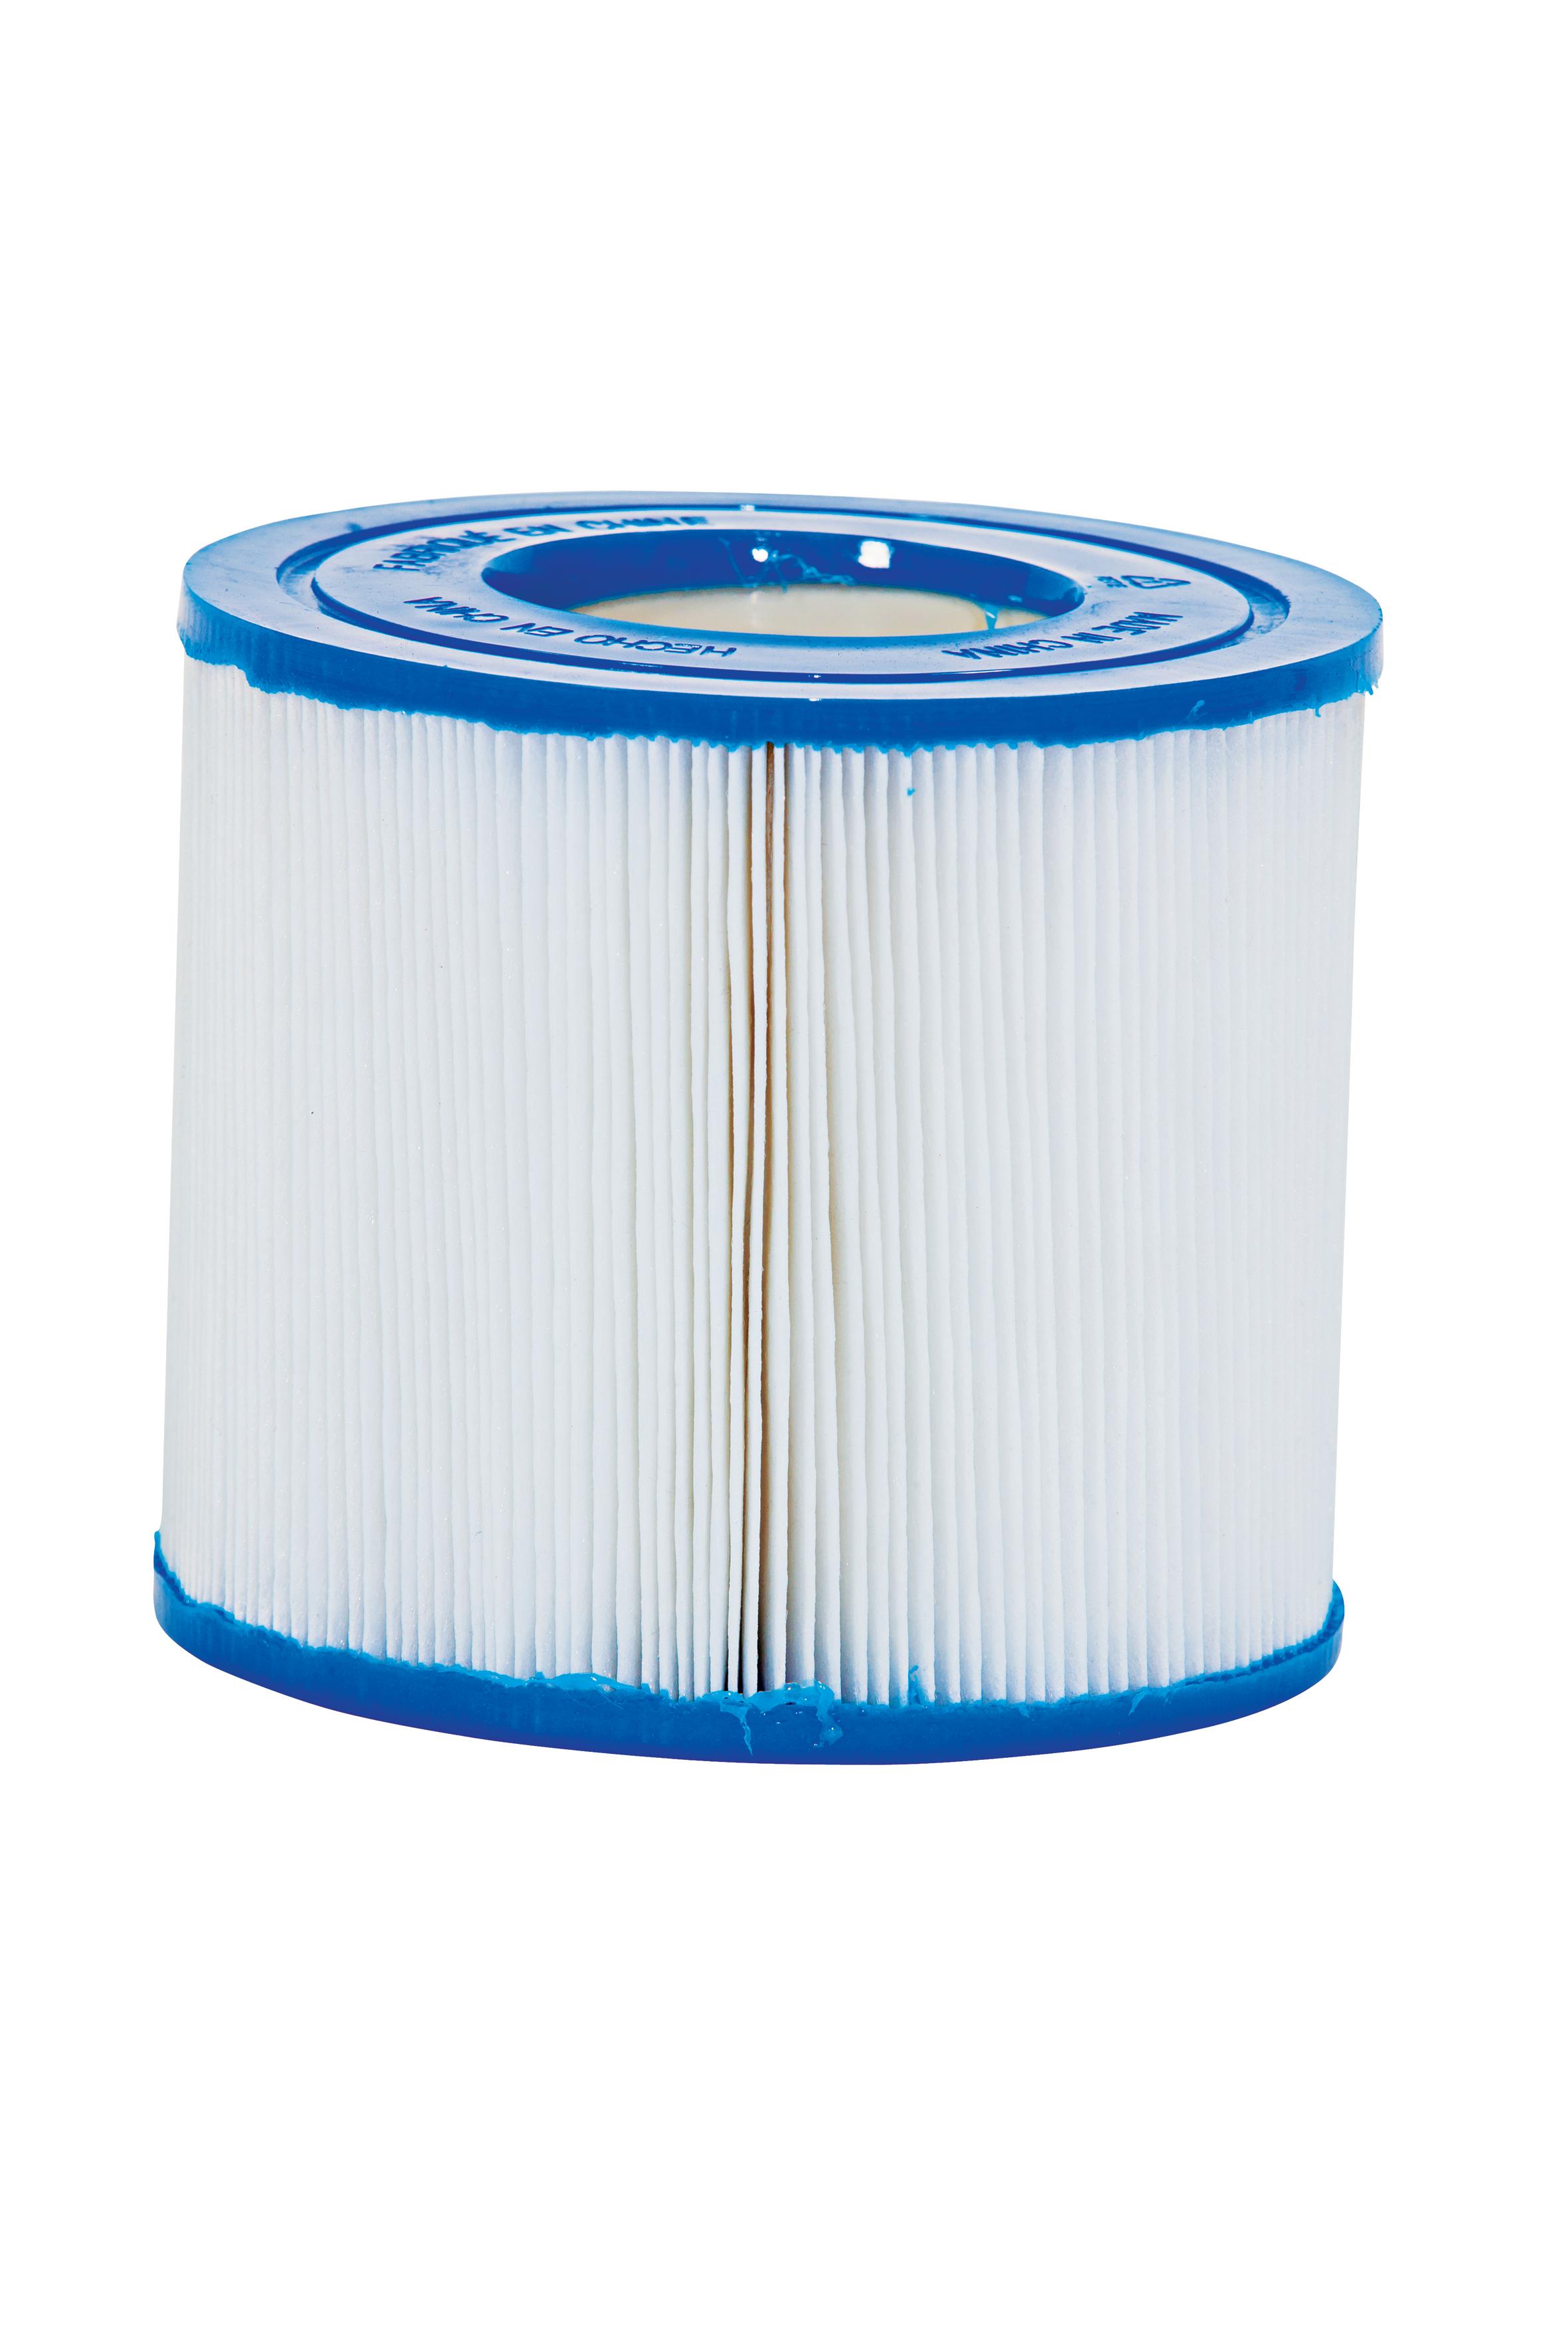 Cartouche de filtration spa portable vita premium for Filtration piscine cartouche